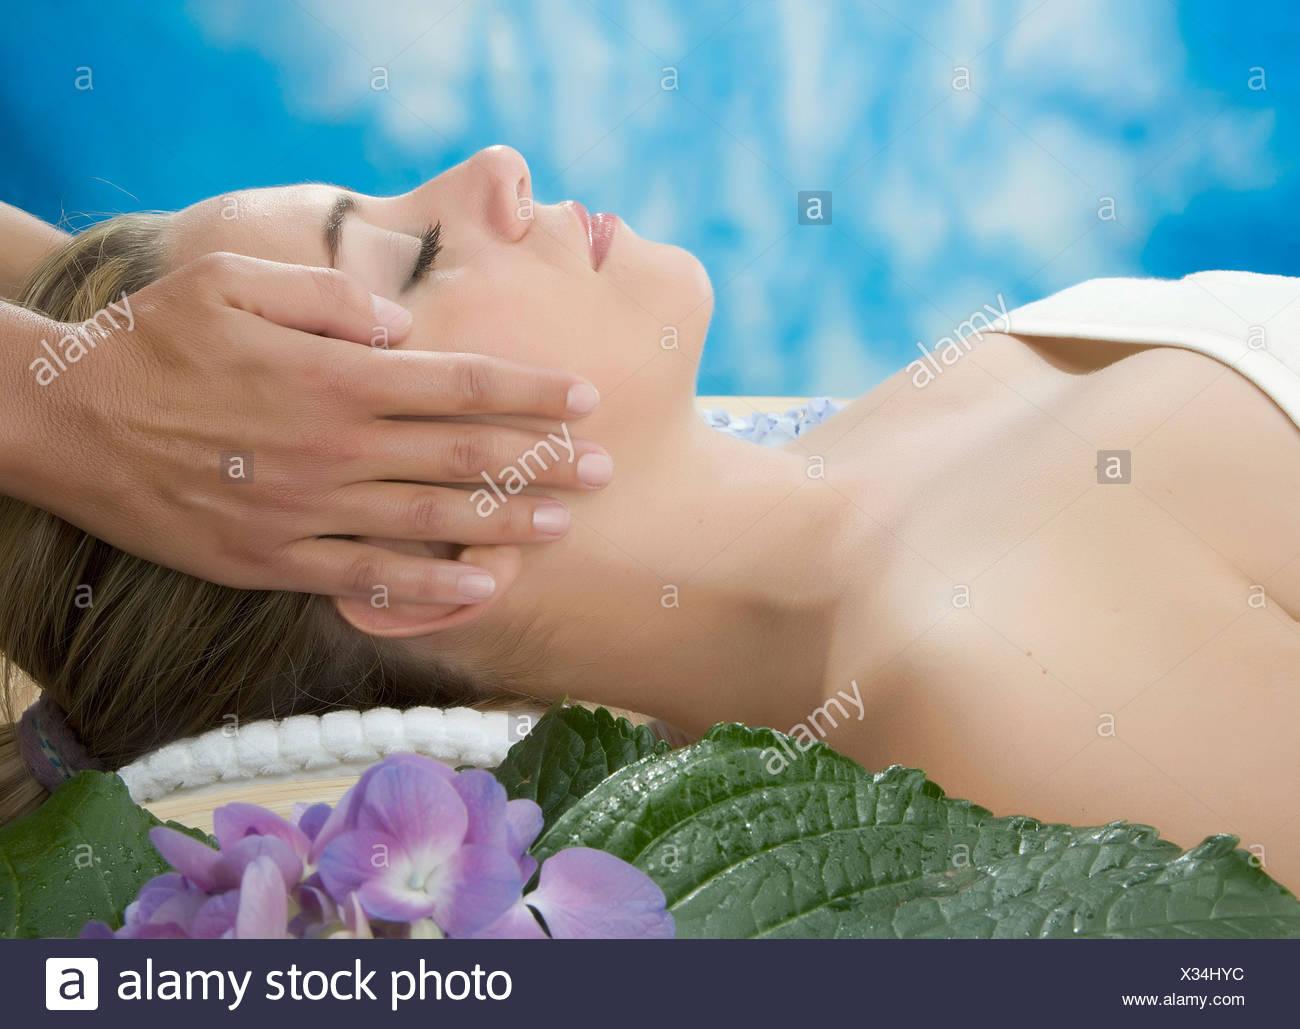 Vista lateral de una mujer con masaje de cabeza Imagen De Stock